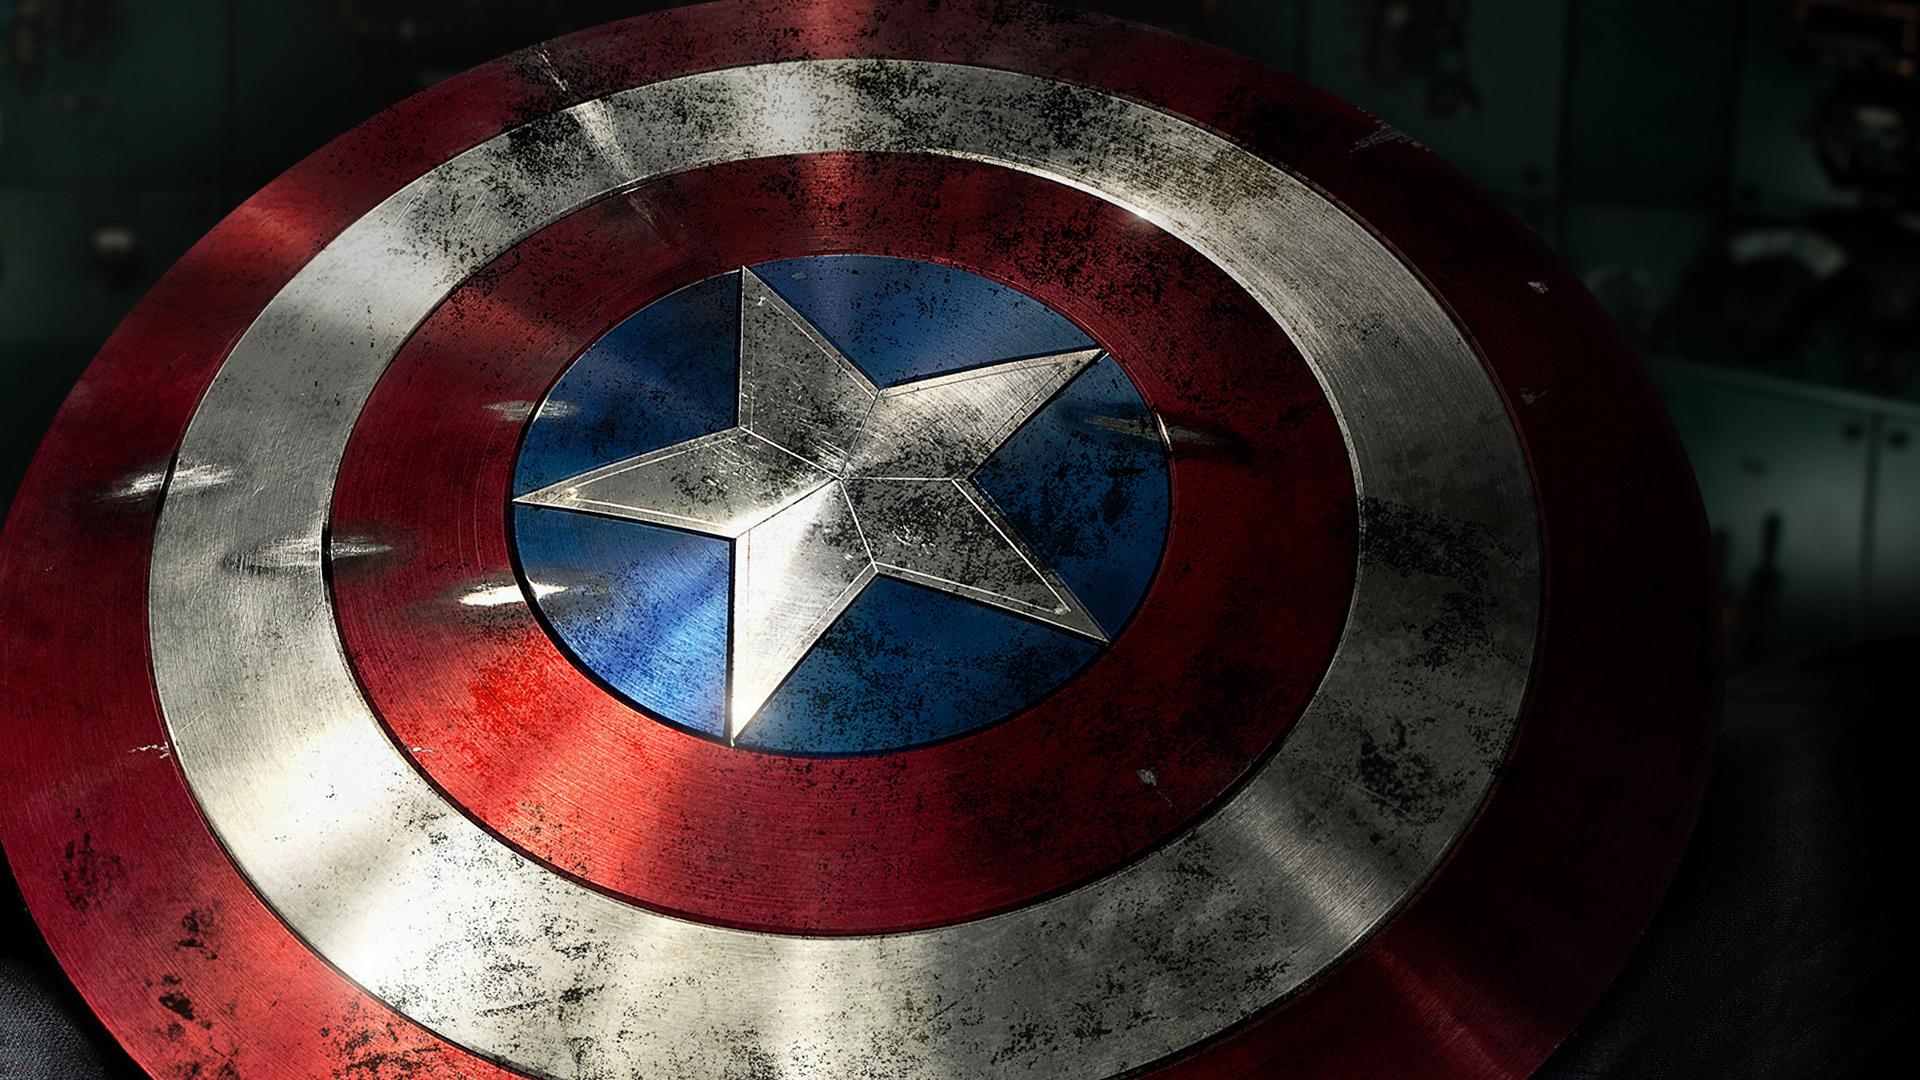 captain america wallpaper for desktop1 2 1920x1080